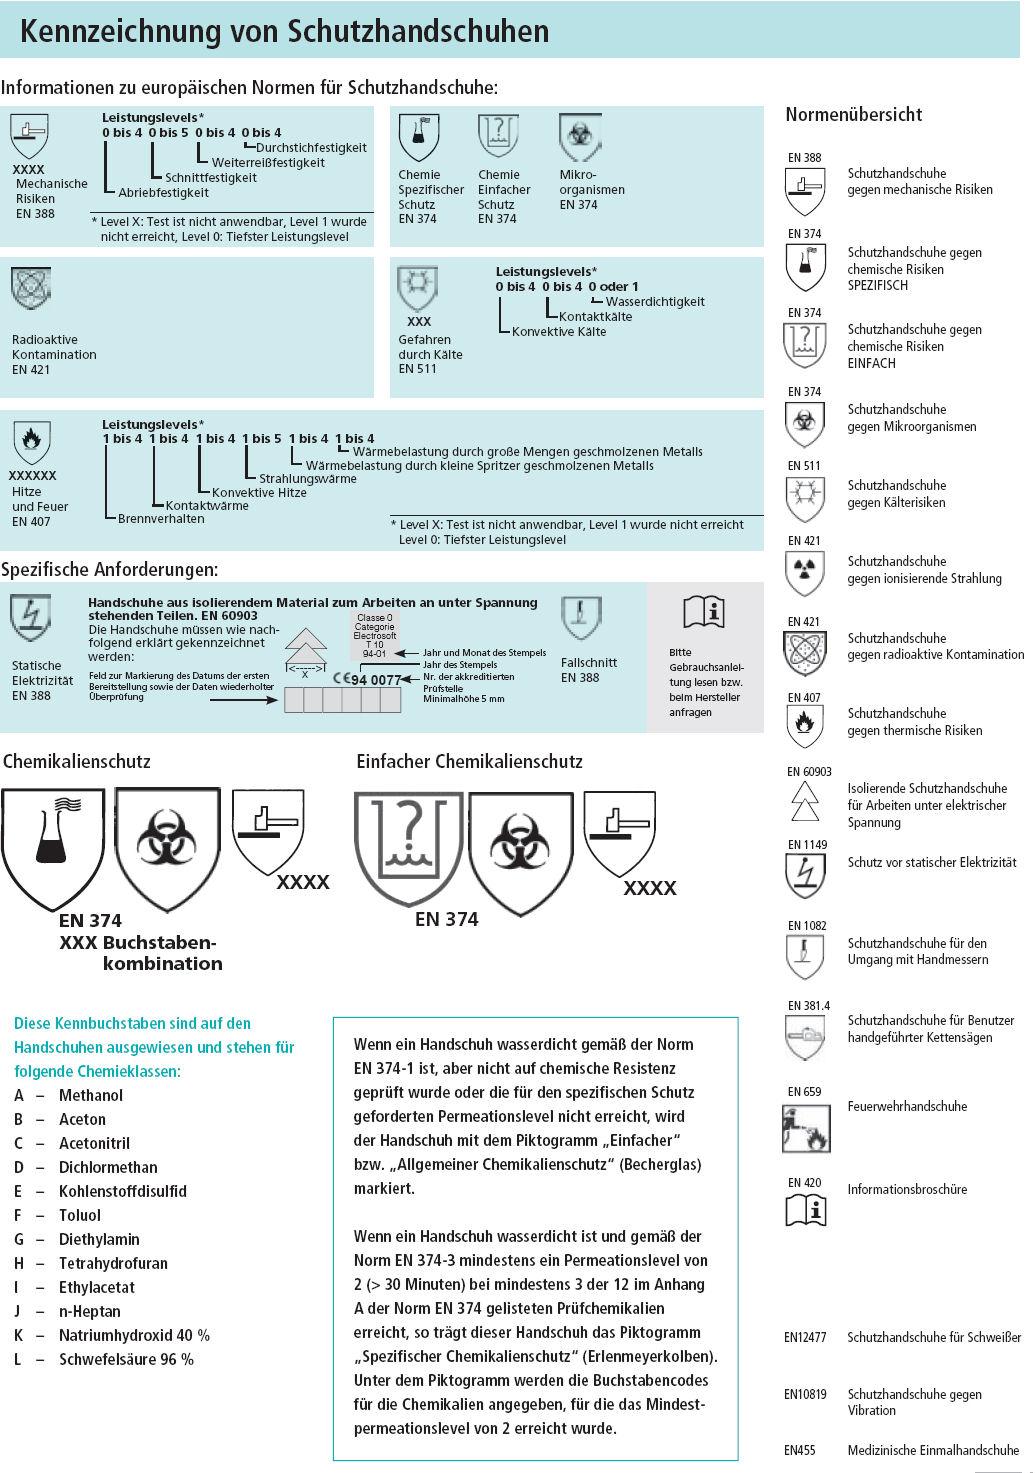 Kennzeichnung von Schutzhandschuhen